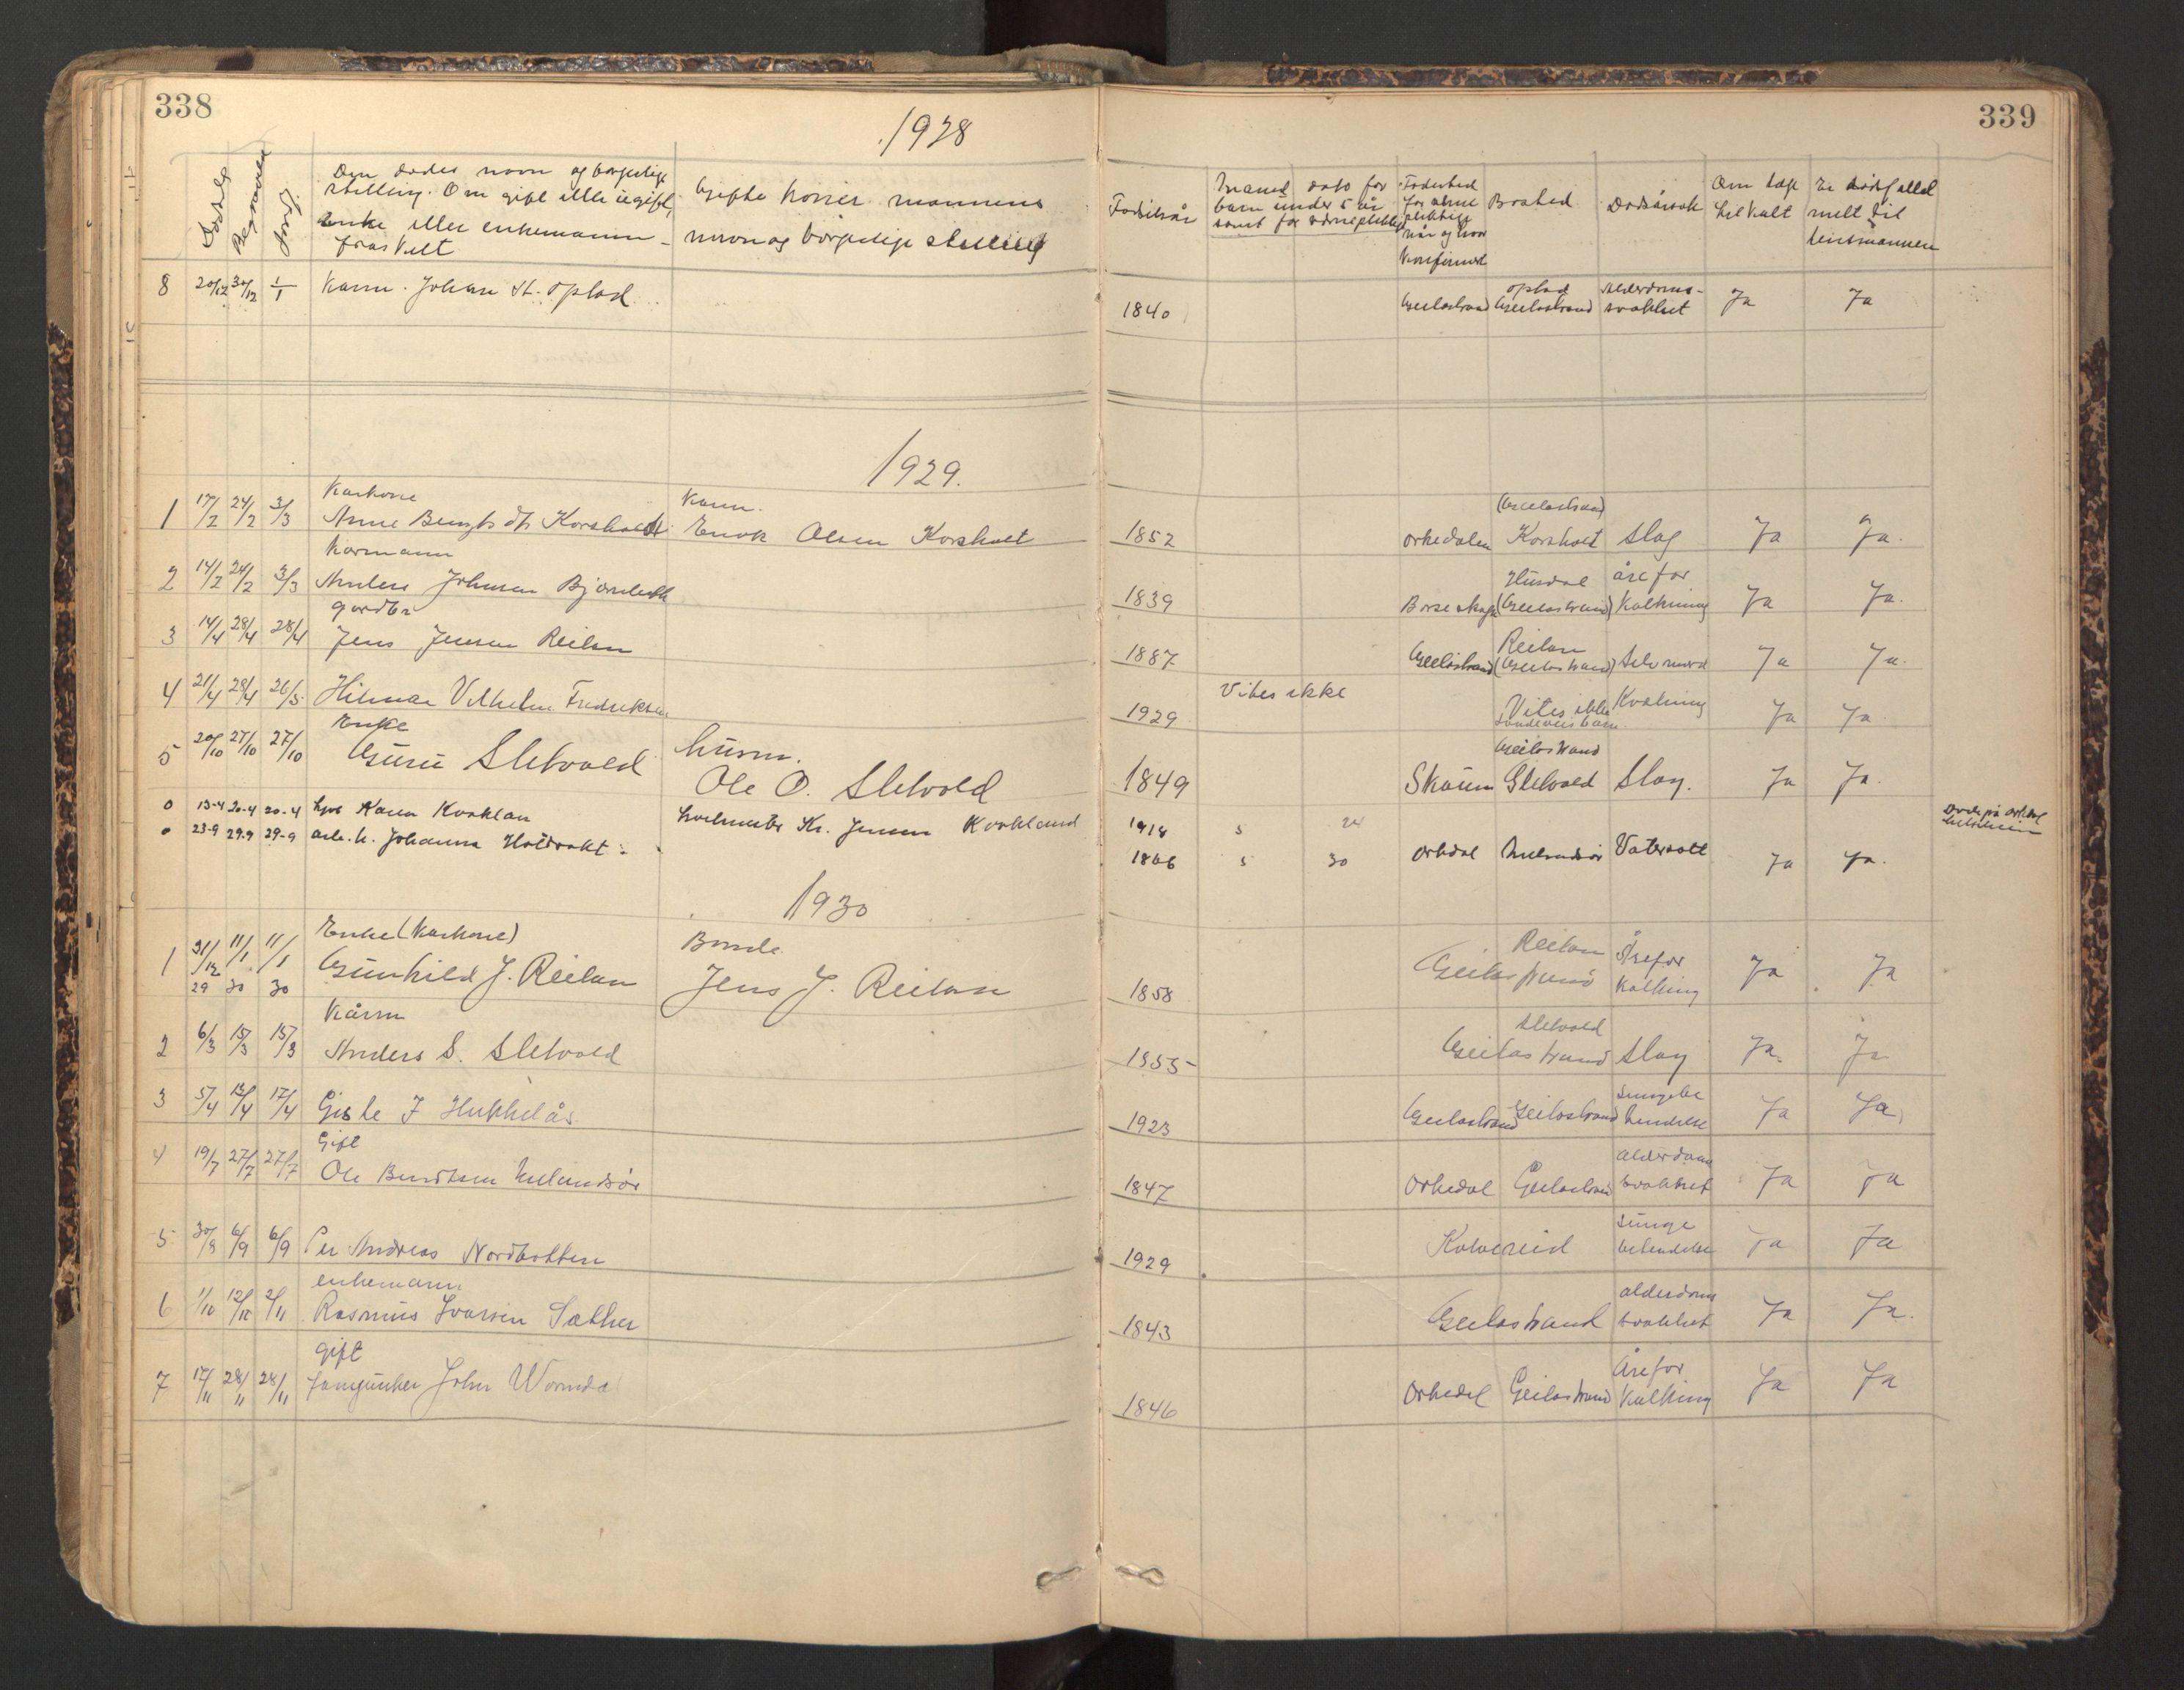 SAT, Ministerialprotokoller, klokkerbøker og fødselsregistre - Sør-Trøndelag, 670/L0837: Klokkerbok nr. 670C01, 1905-1946, s. 338-339